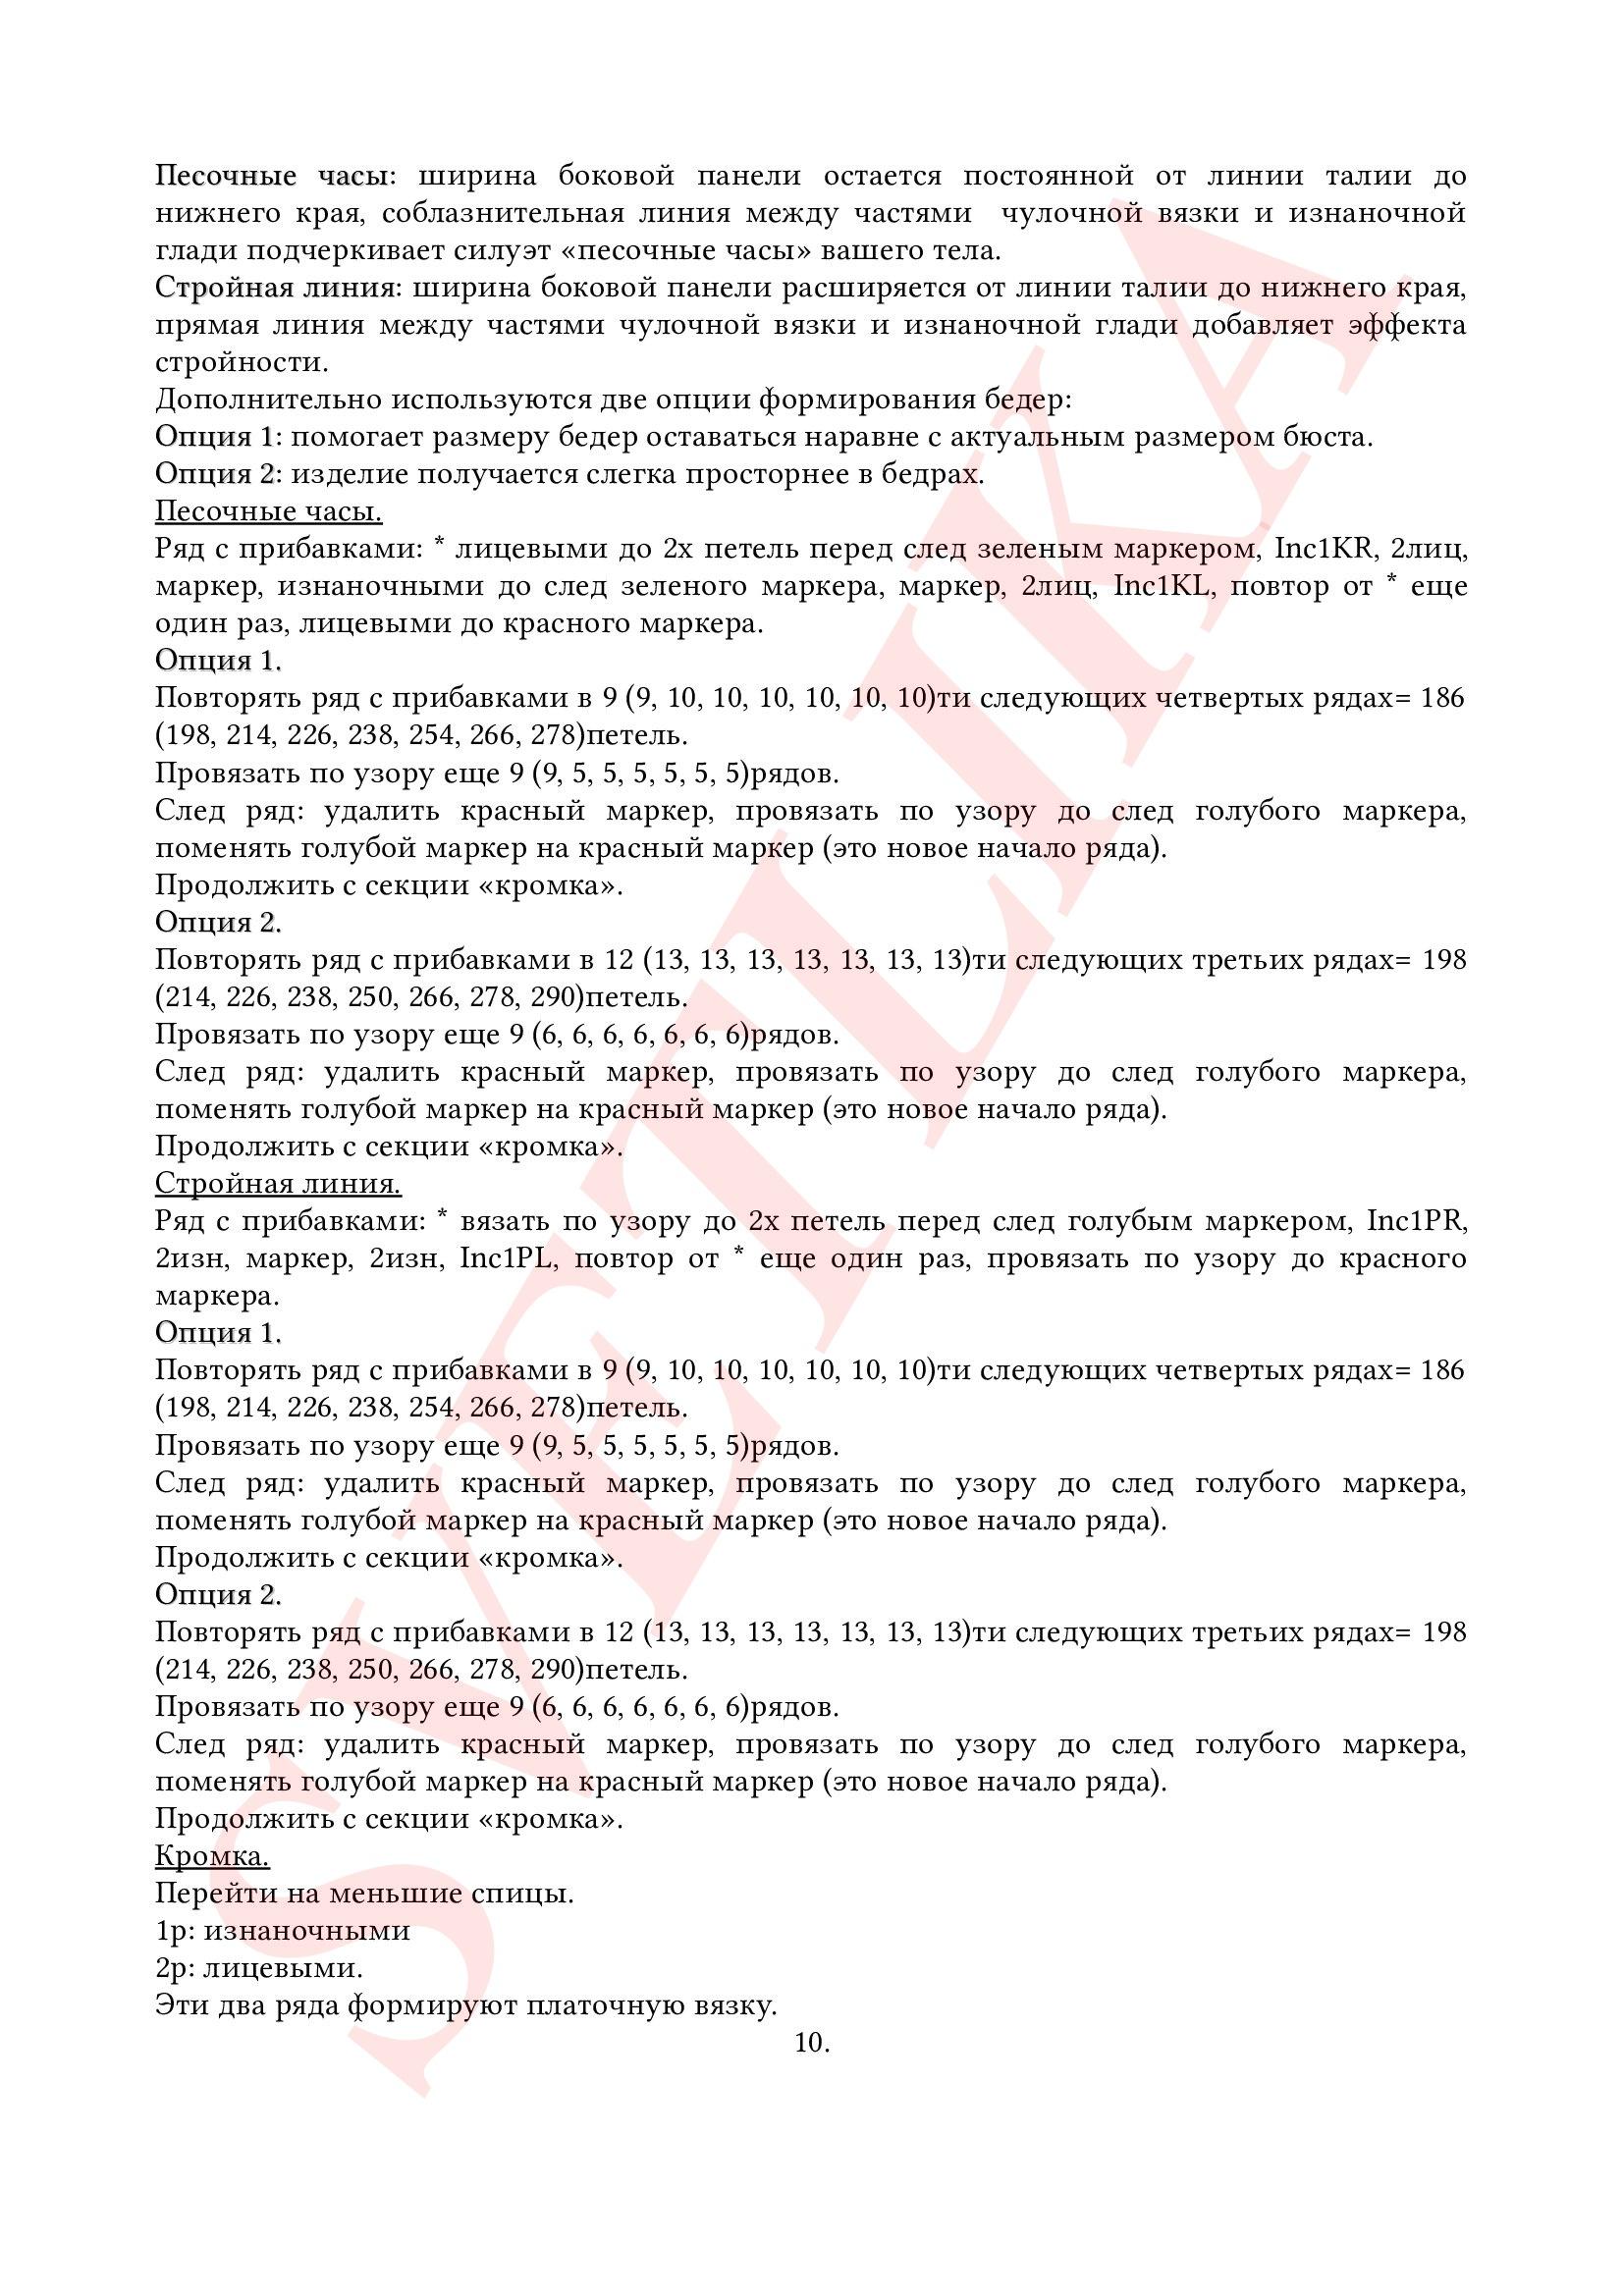 https://img-fotki.yandex.ru/get/60436/125862467.a6/0_1ba550_852b461a_orig